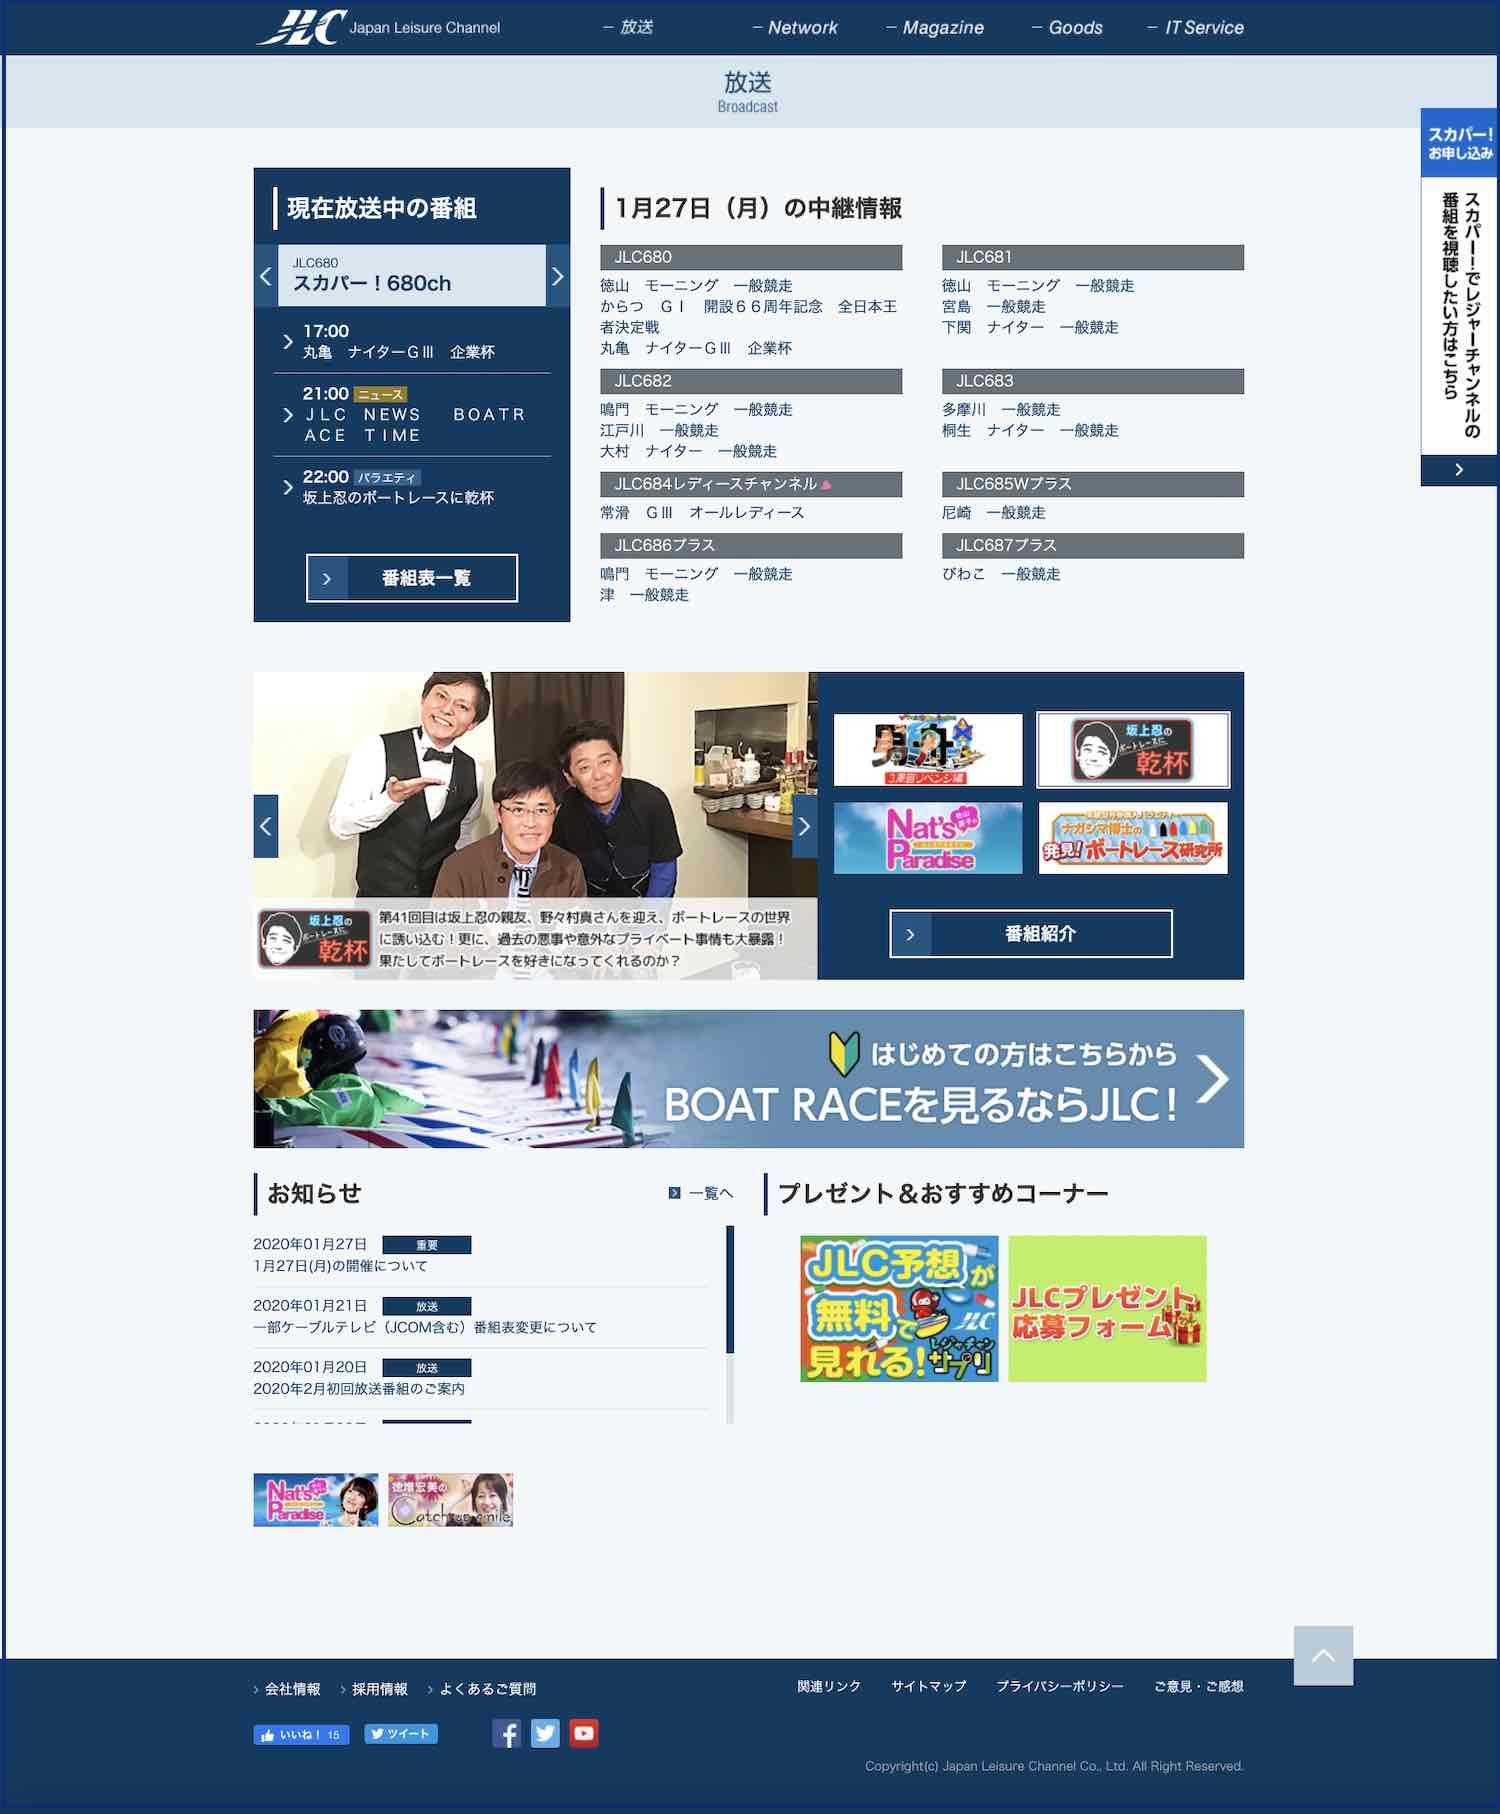 競艇専門チャンネル、日本レジャーチャンネル(JLC)